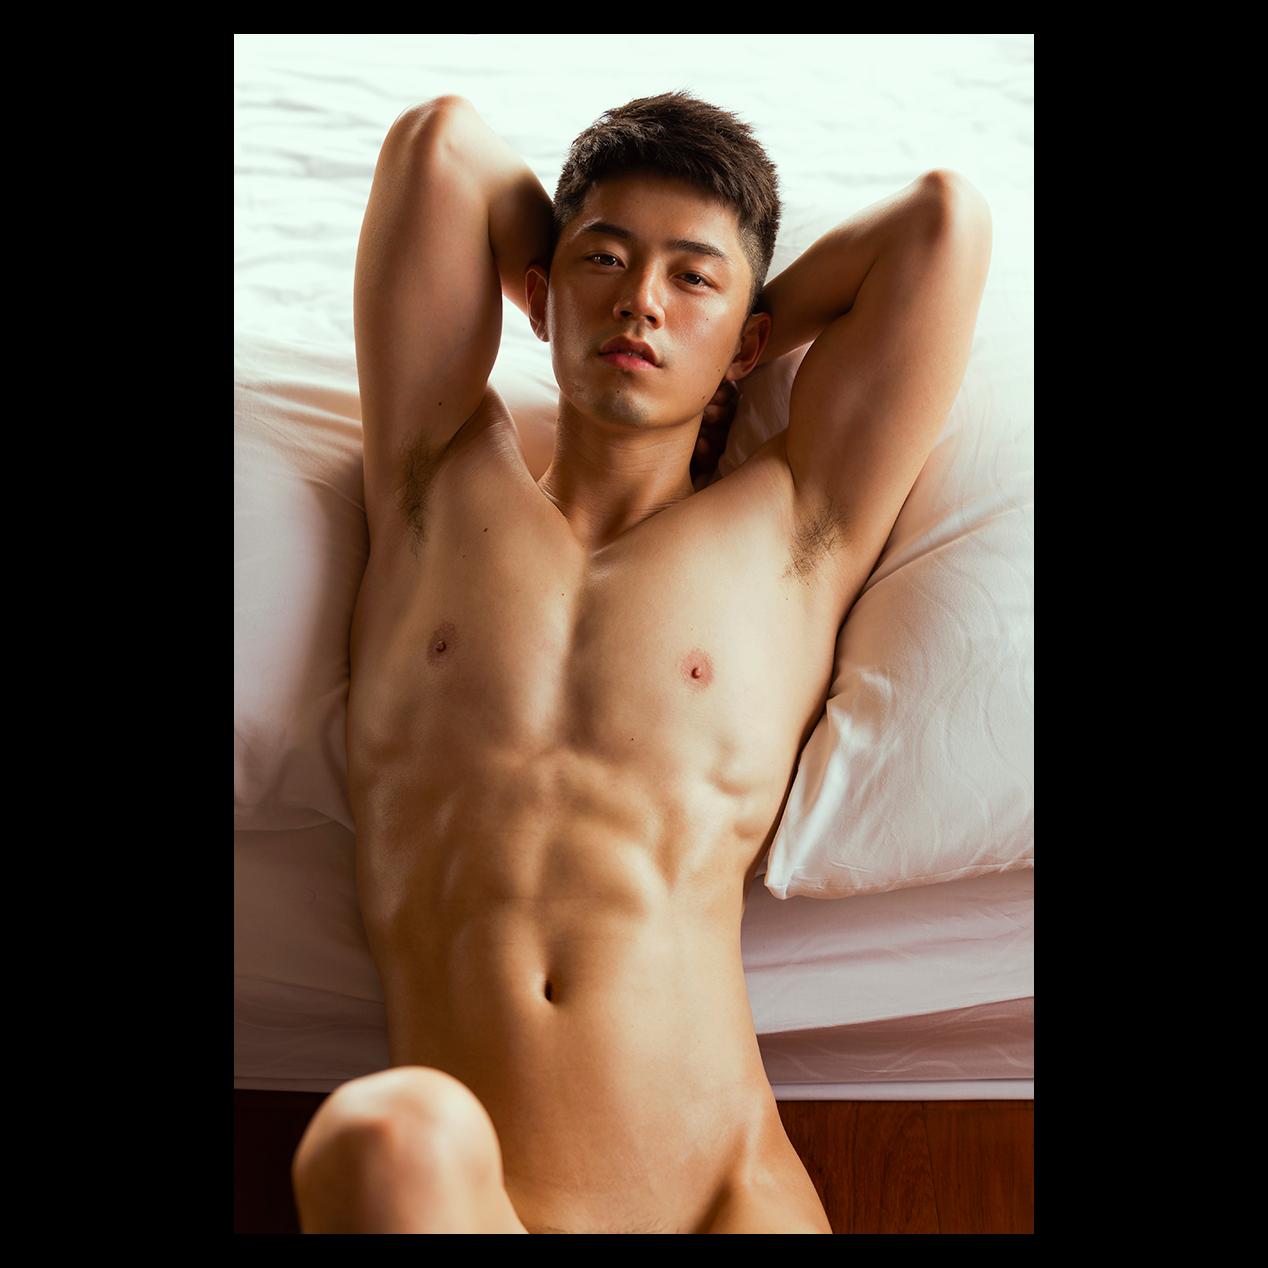 人氣攝影師「晏人物」出書 回眸殺、泡泡裸浴、爆筋人魚線全都性感入鏡全都來!